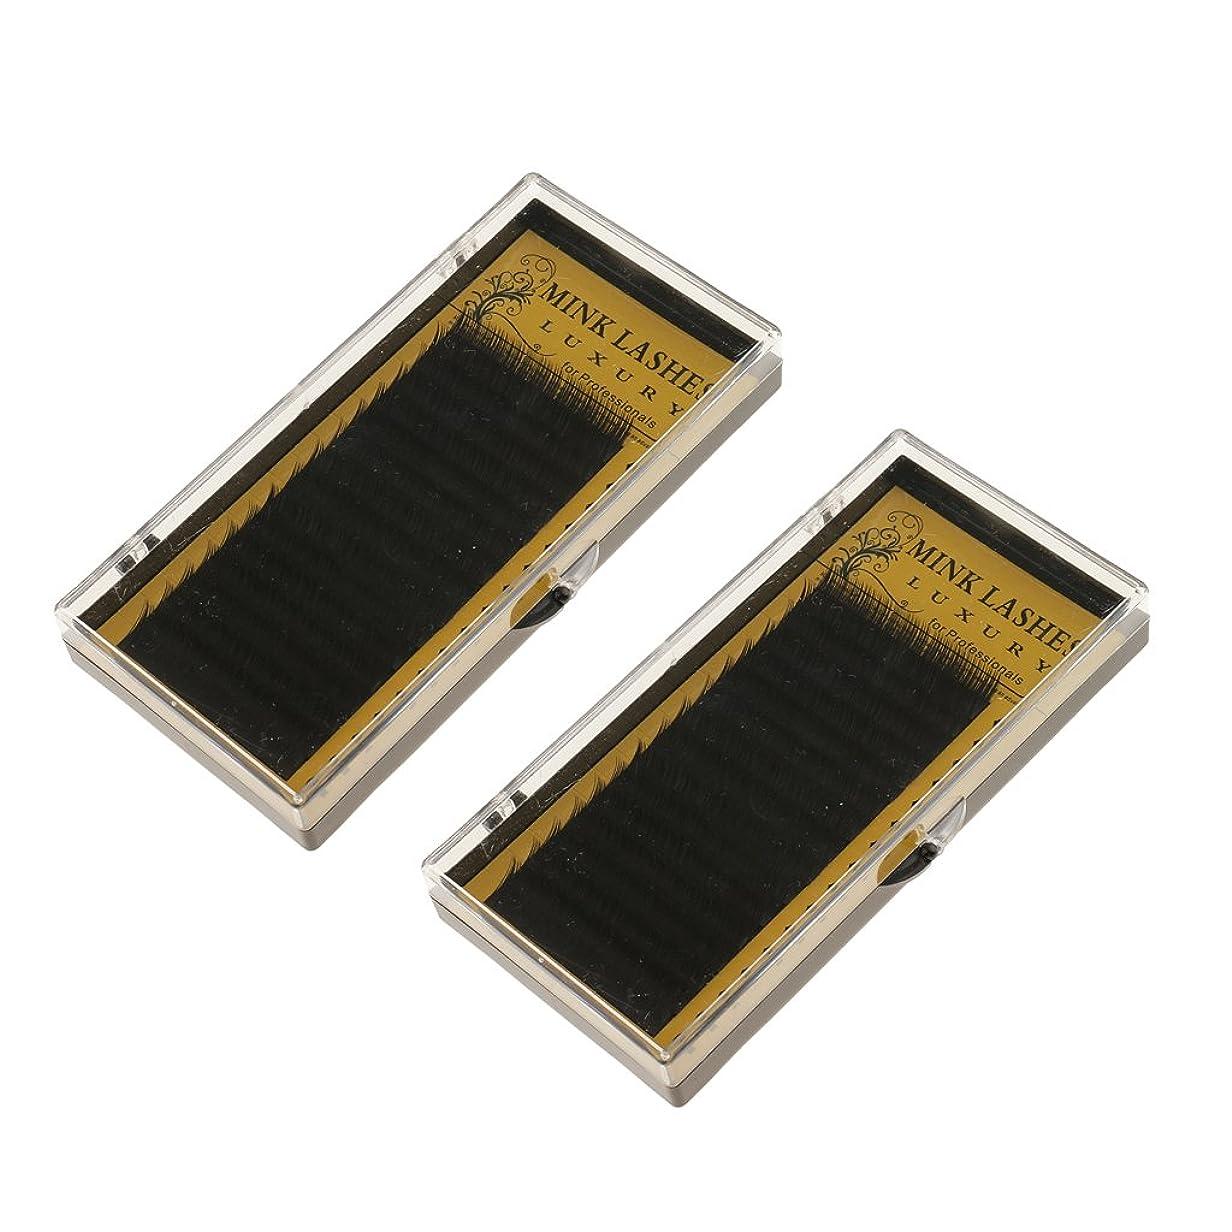 ハードウェア速い生まれKesoto つけまつげ アイラッシュ エクステンション 0.07Cカール 個々のまつげ メイクアップ ブラック 2箱 10mm 12mm